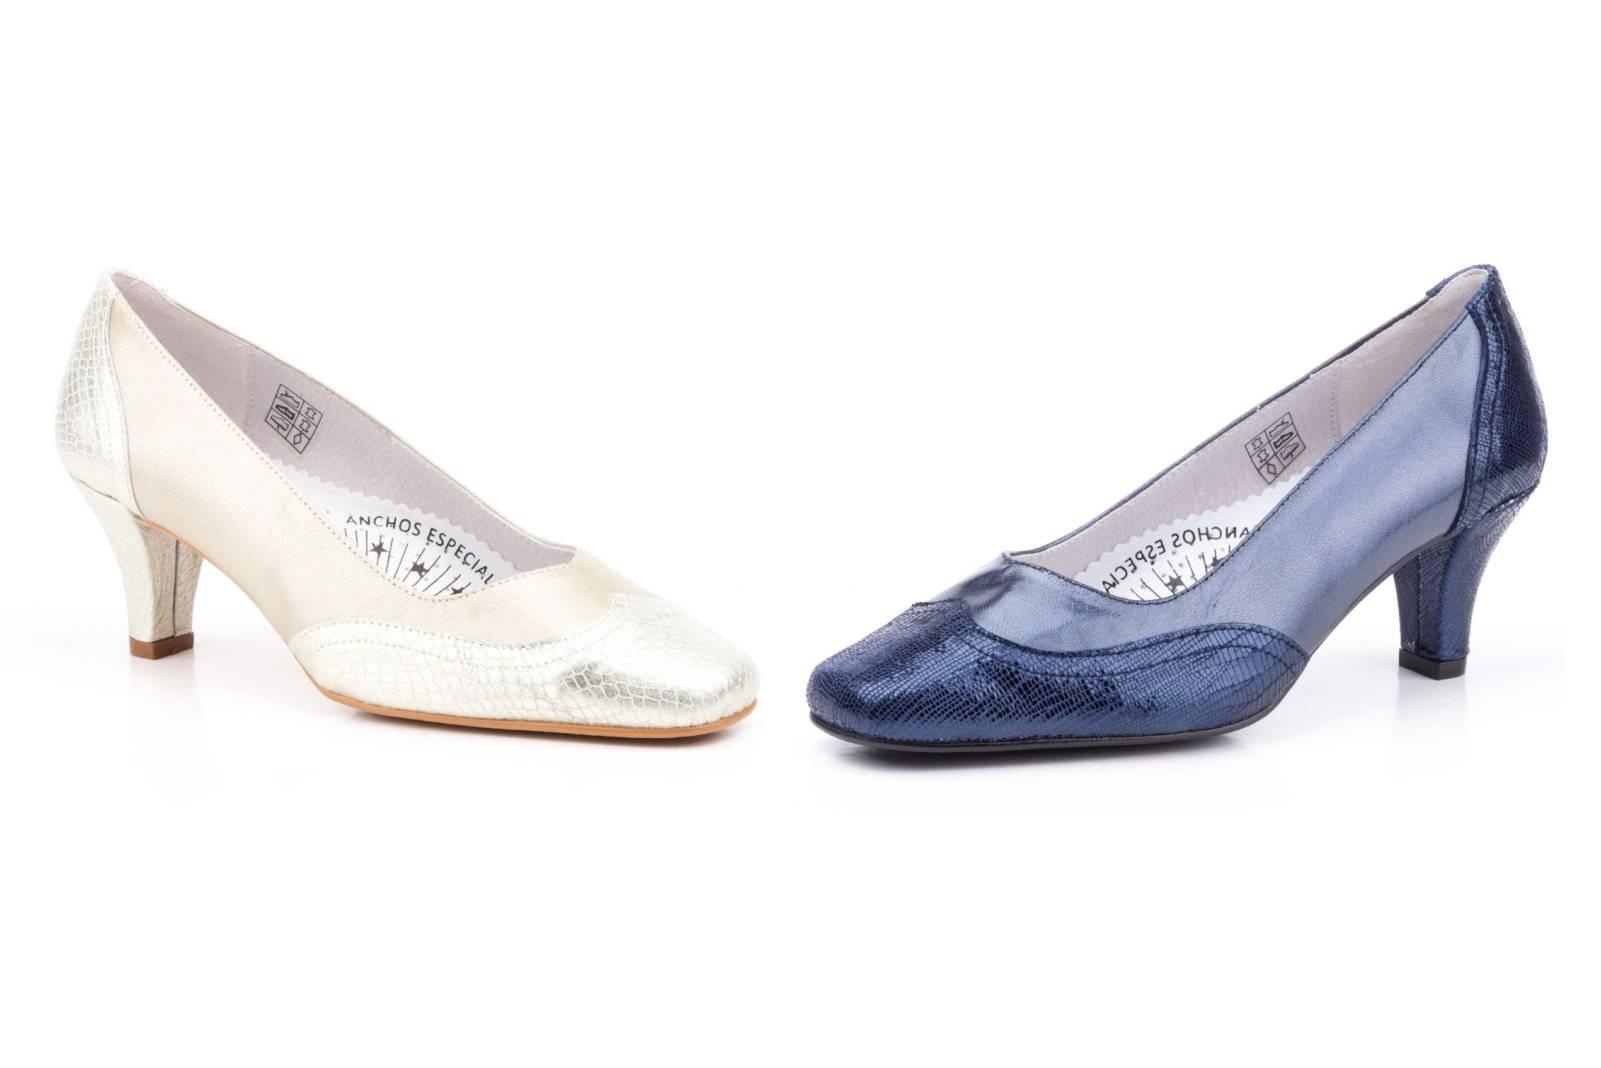 Serpiente Mujer Platino Azul Zapatos Tacón Piel wIZqnOCdO